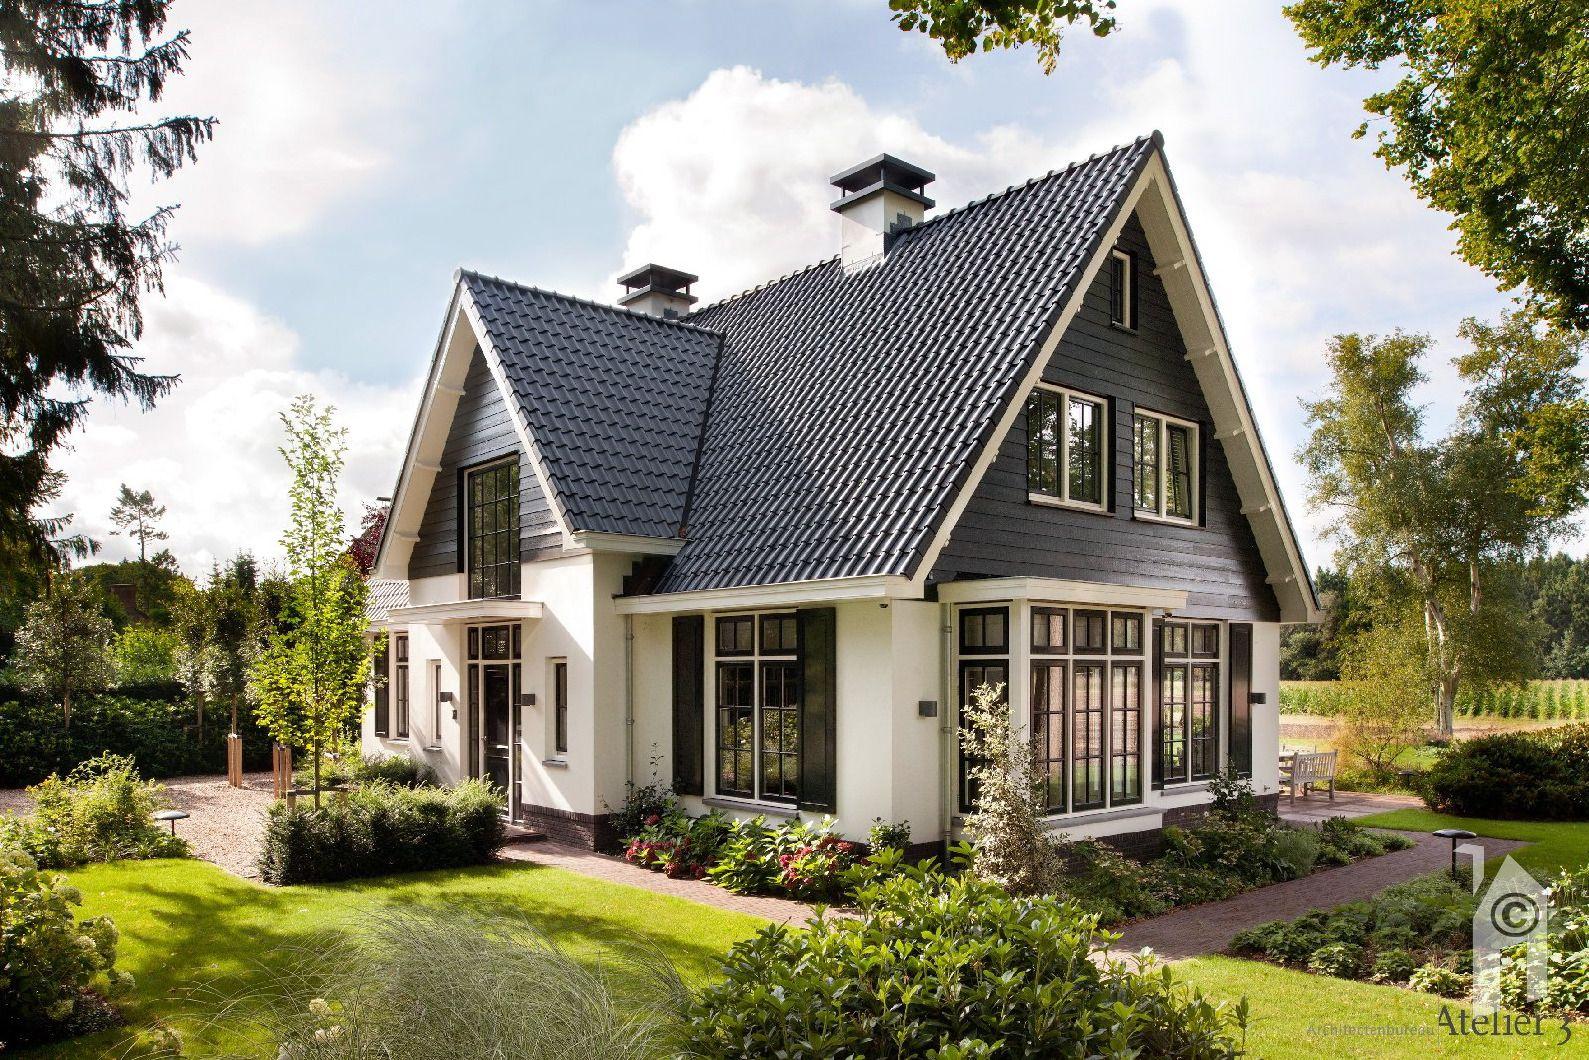 Romantische villa in een geweldige omgeving for Huis ontwerpen